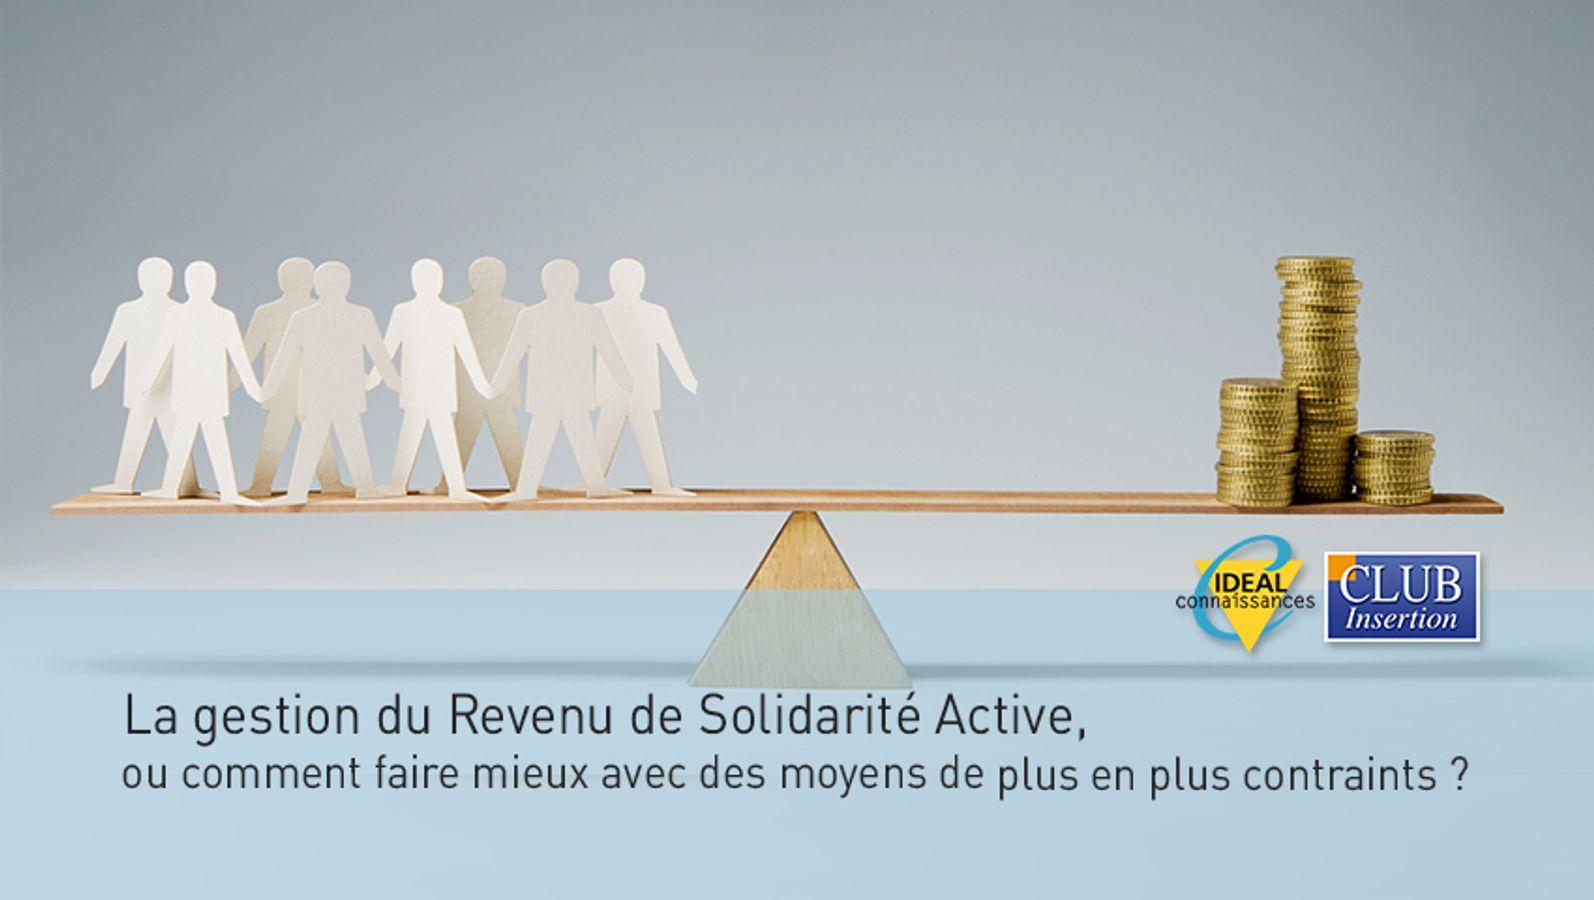 La gestion du Revenu de Solidarité Active, ou comment faire mieux avec des moyens de plus en plus contraints ?